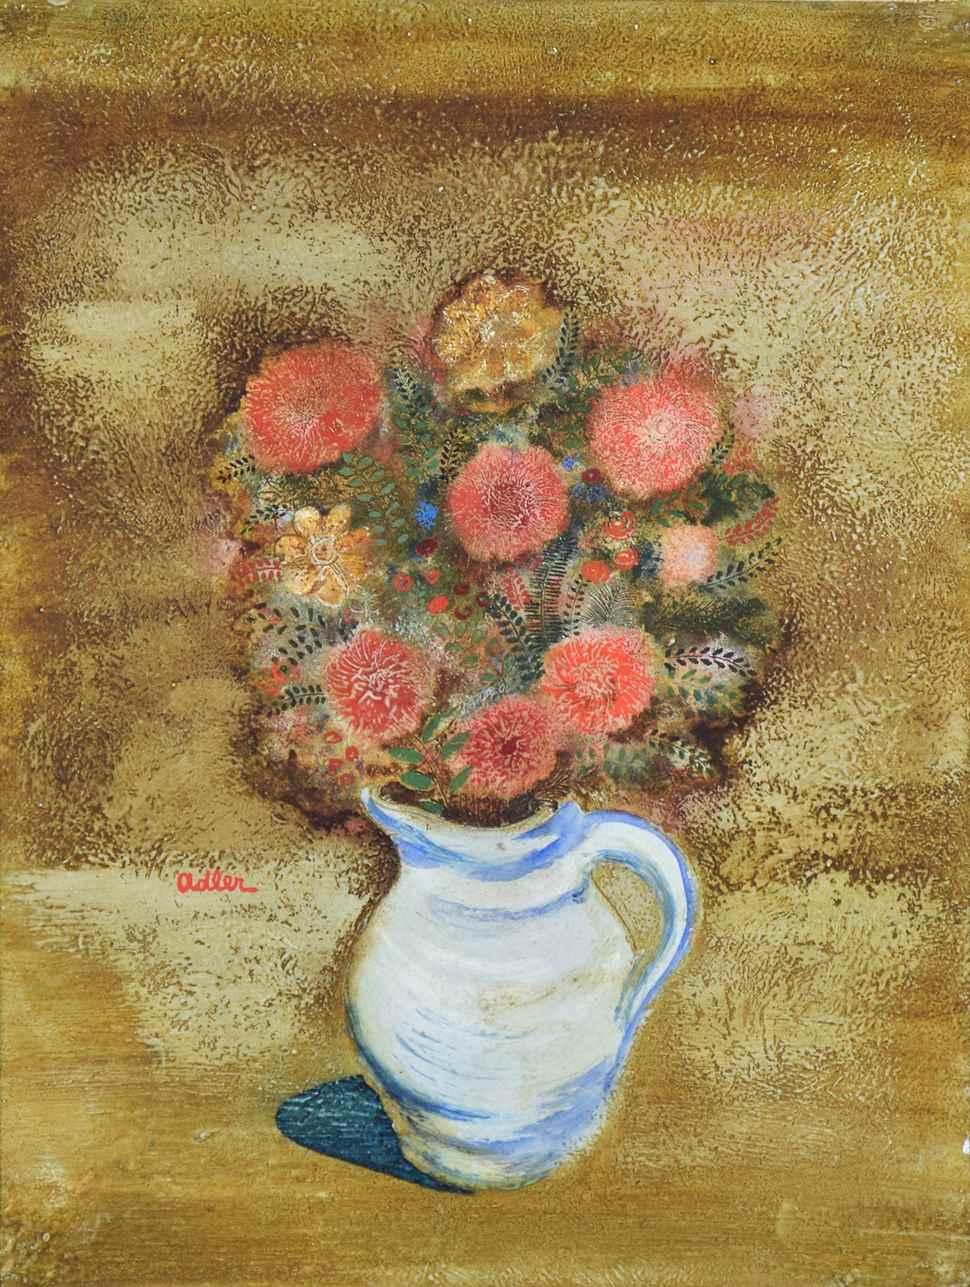 Flower Still Life - Jankel Adler (1895 - 1949)